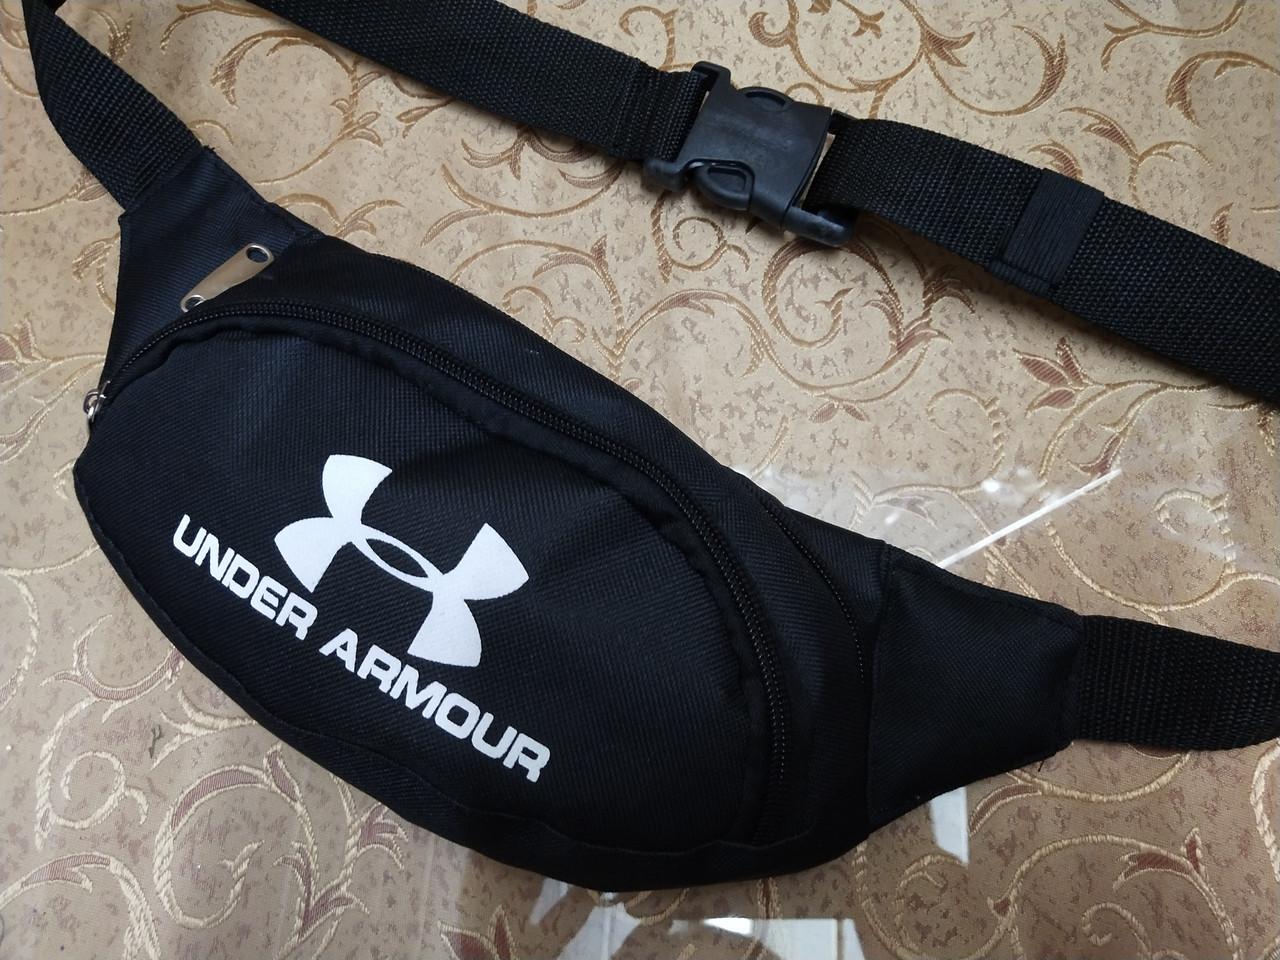 Сумка на пояс UNDER ARMOUR новий/Спортивні барсетки сумка жіночий і чоловічий пояс Бананка тільки оптом